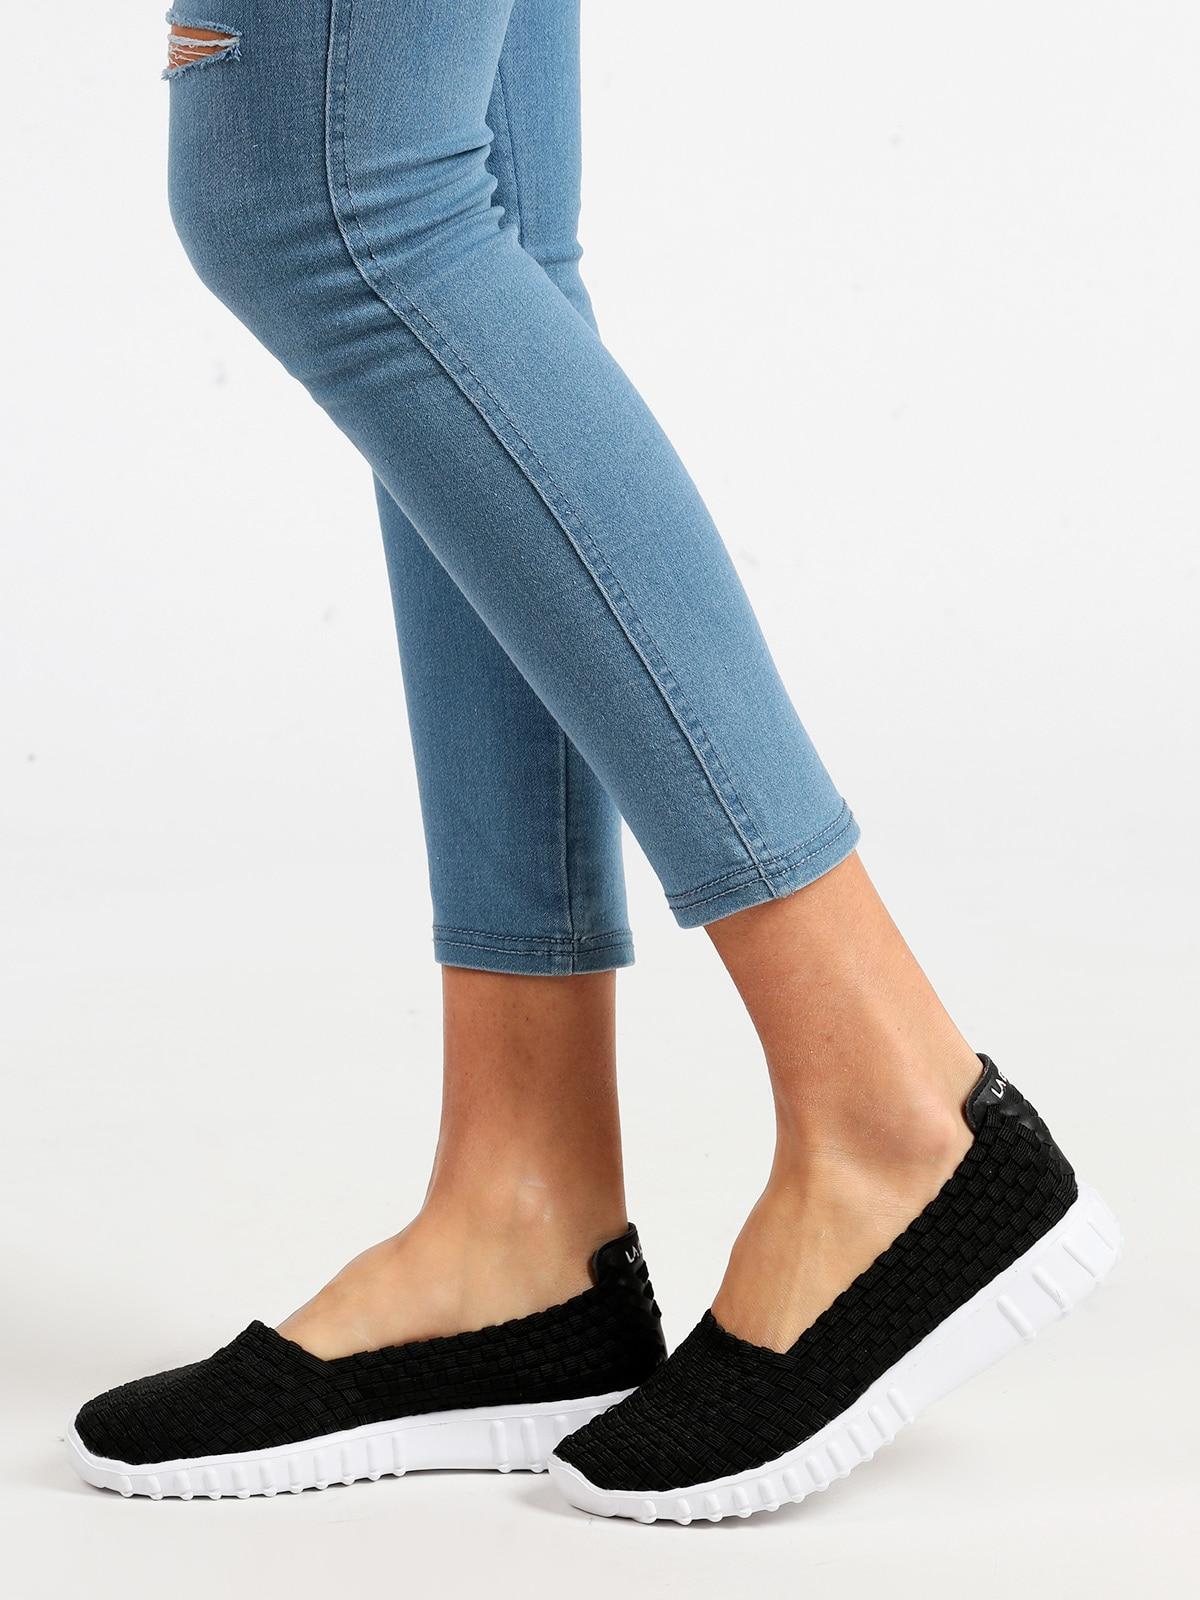 Low Sneakers Slip On Black